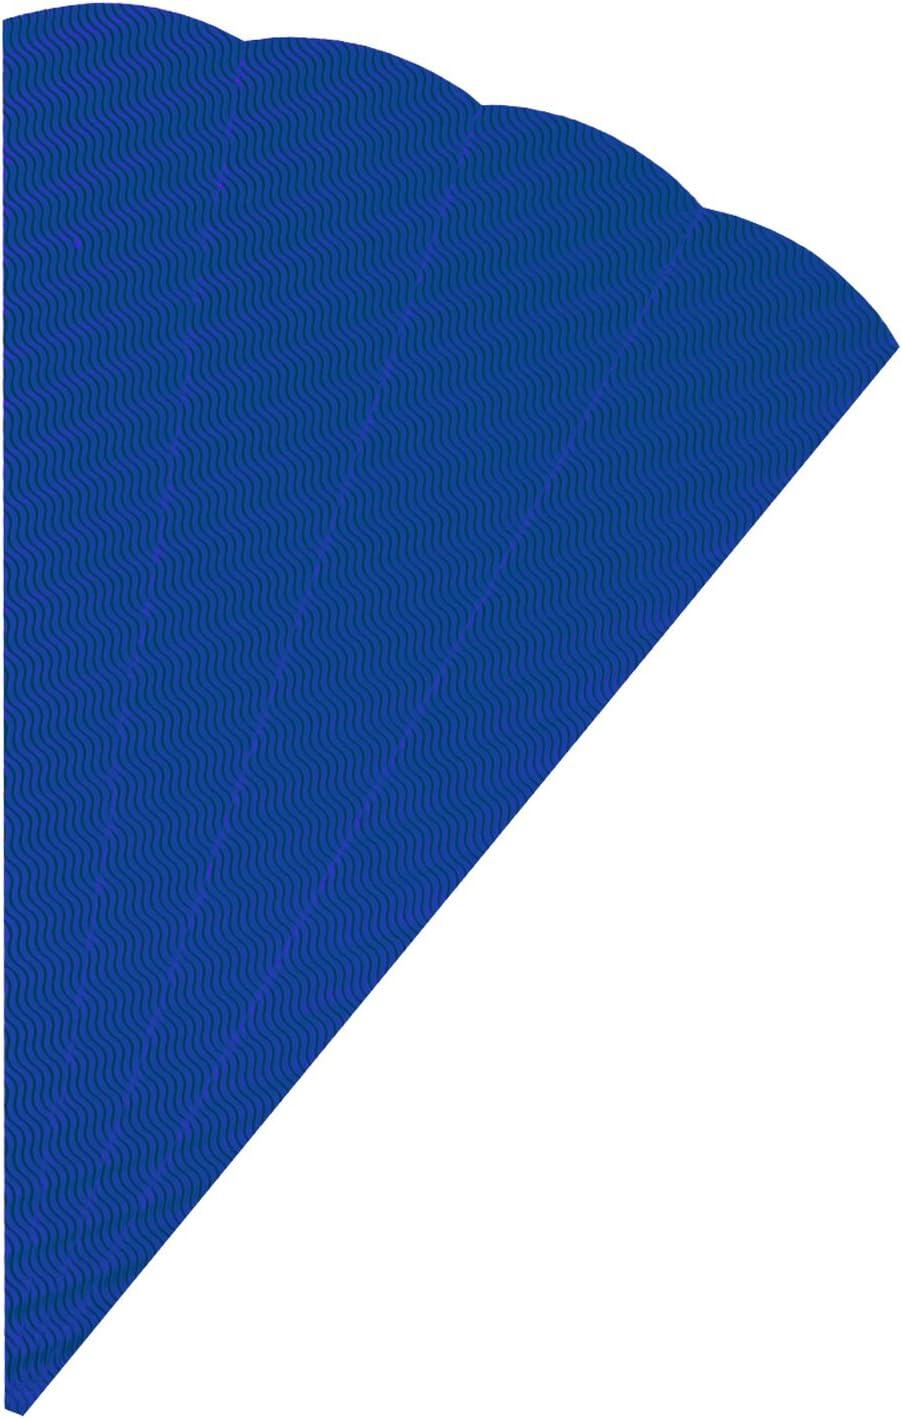 H/öhe 68 cm Schult/üten Rohlinge Durchmesser 20 cm zur Erstellung einer individuellen selbst gebastelten Zuckert/üte 5 T/üten blau aus 3D Wellpappe folia 92034